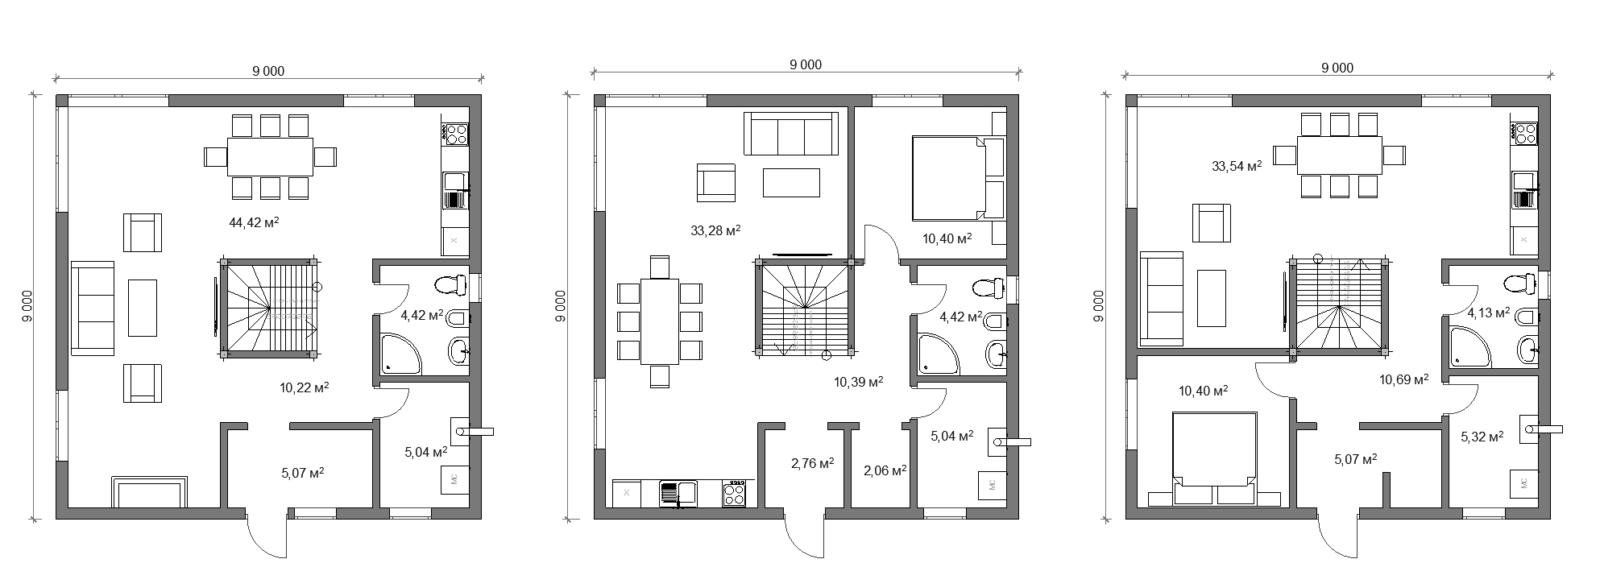 Планировка дома 1 этаж